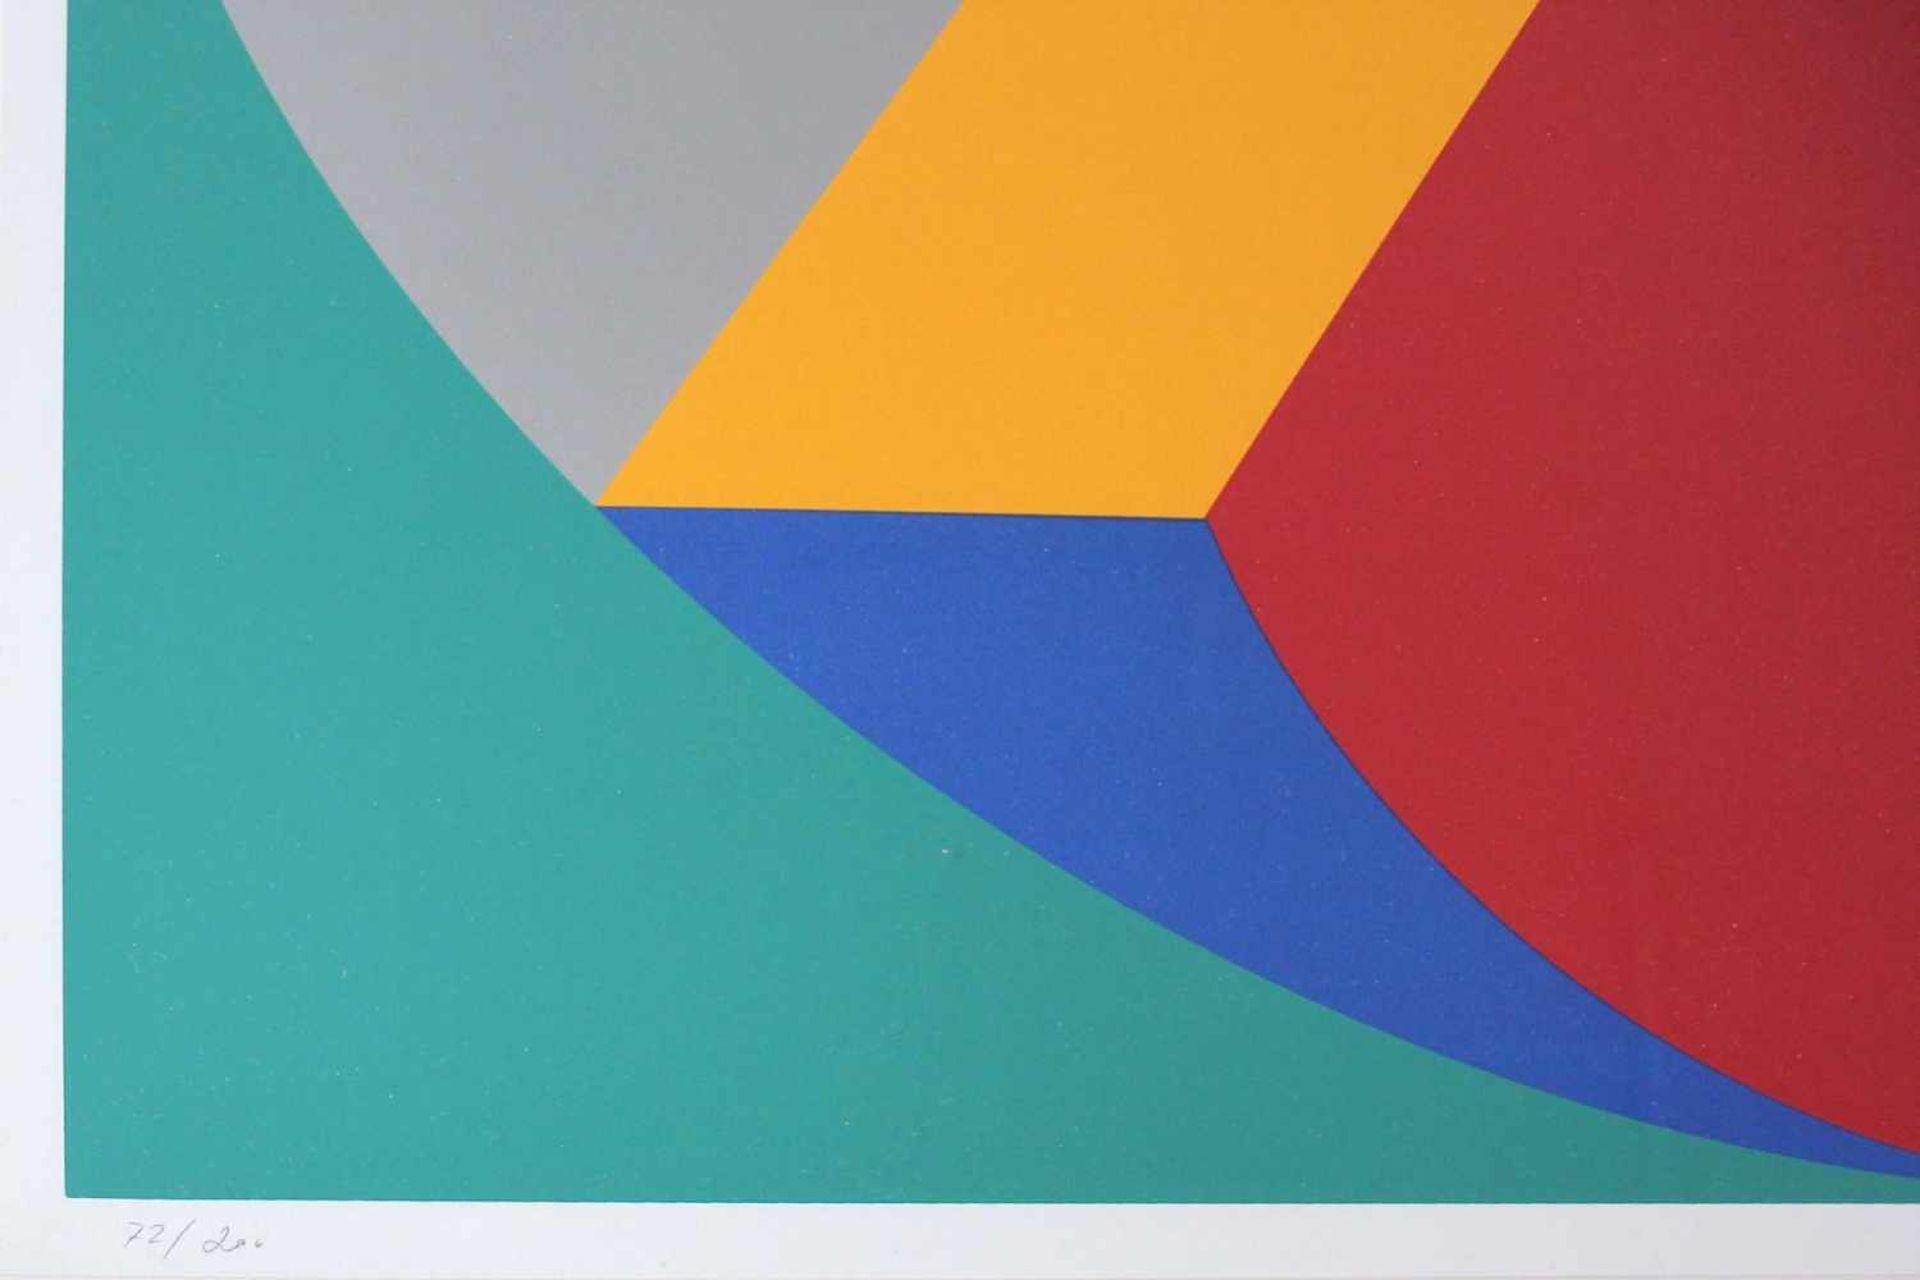 Marc Adrian 1930-2008 Poems Inventionistes II 1973 Farbserigraphie handsigniert und nummeriert 72/ - Bild 4 aus 4